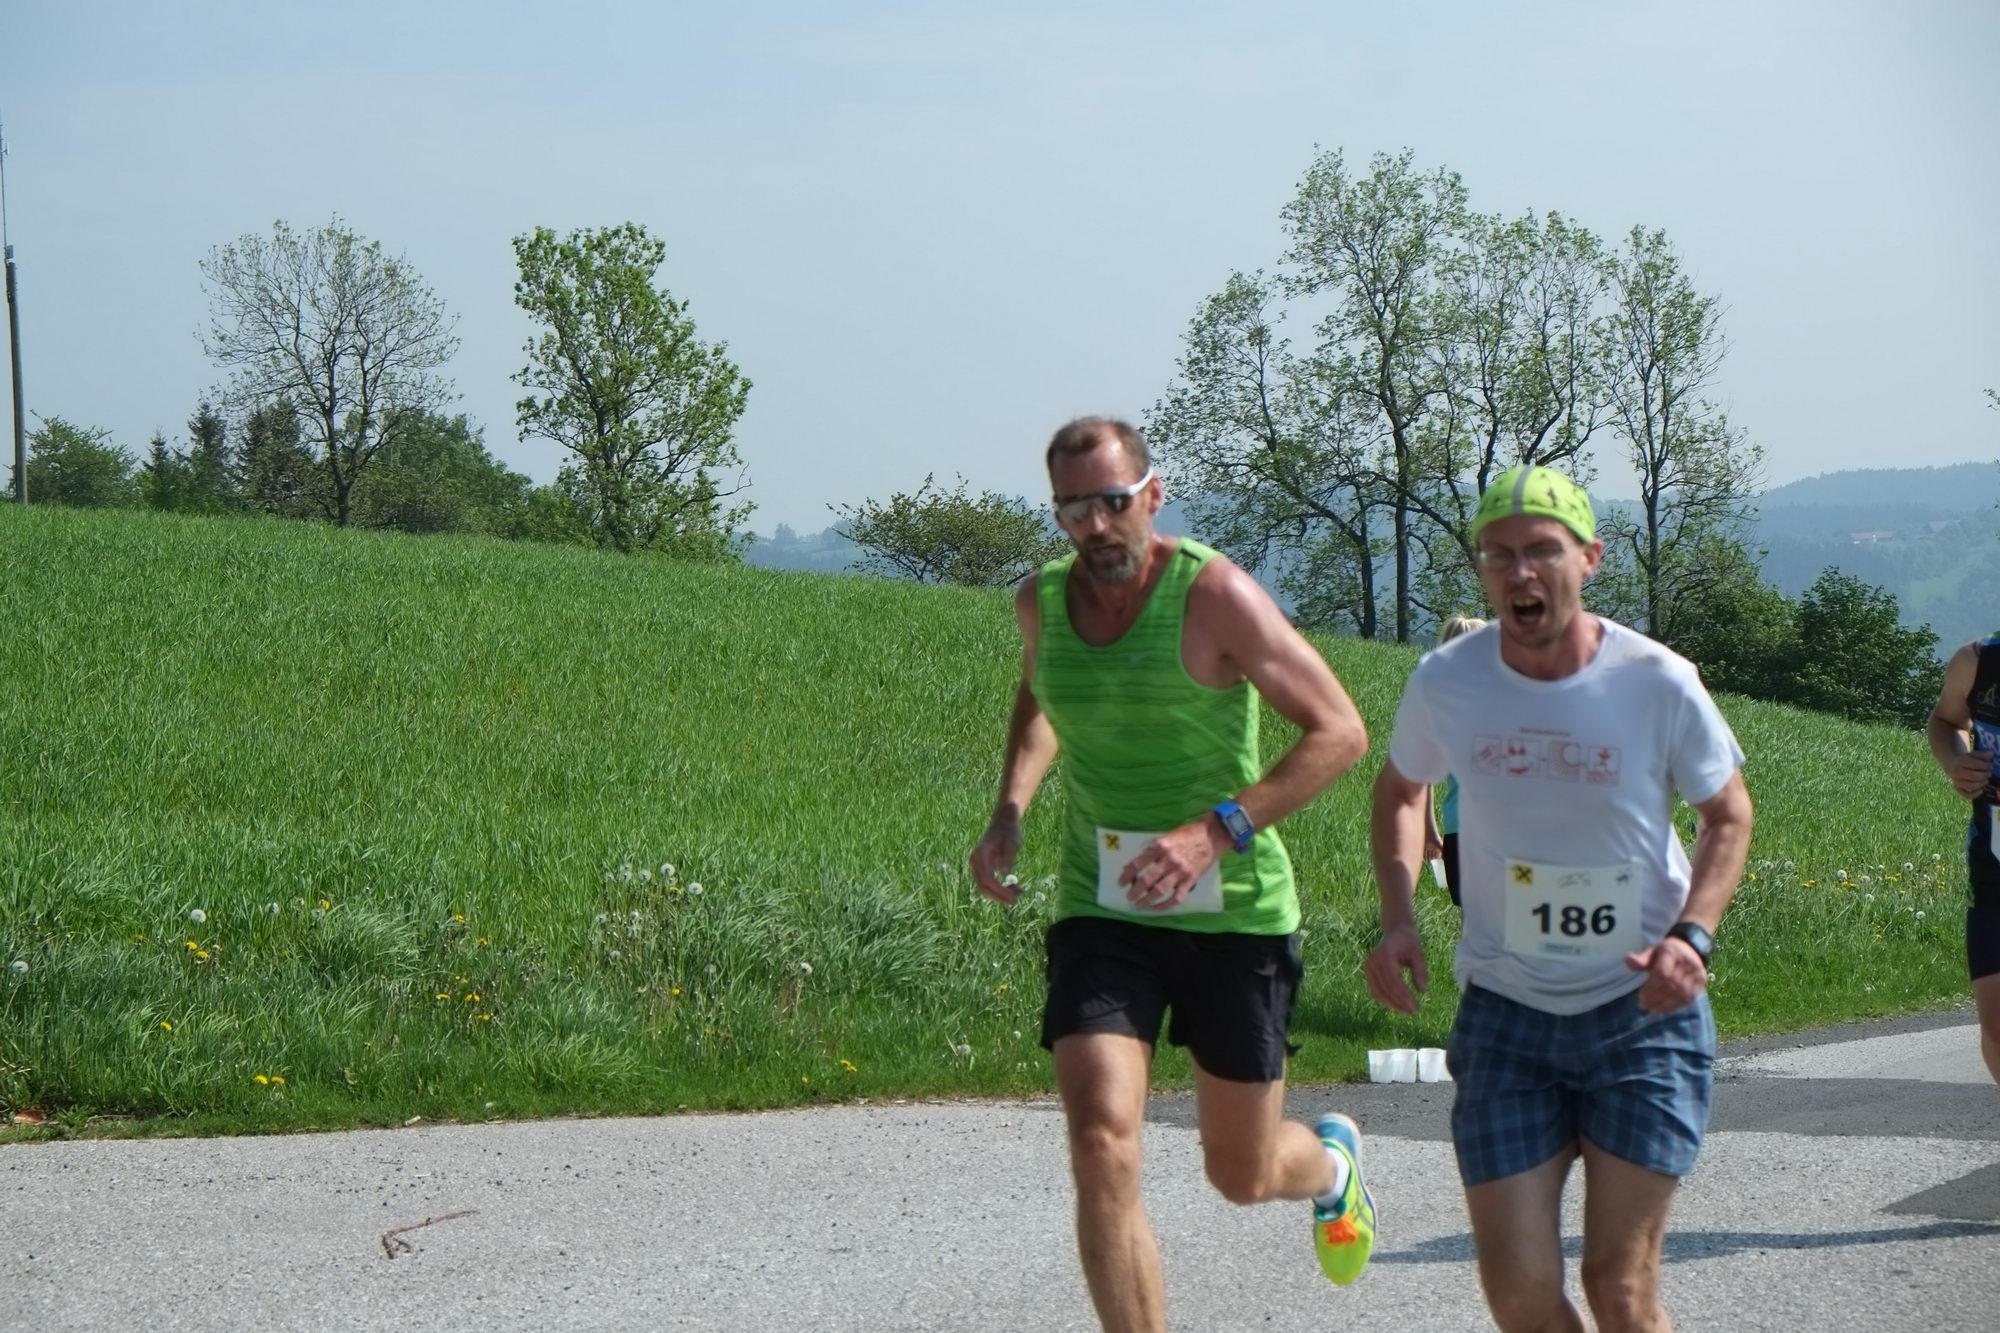 Drei-Hügel-Lauf Zöbern am 5. Mai 2018